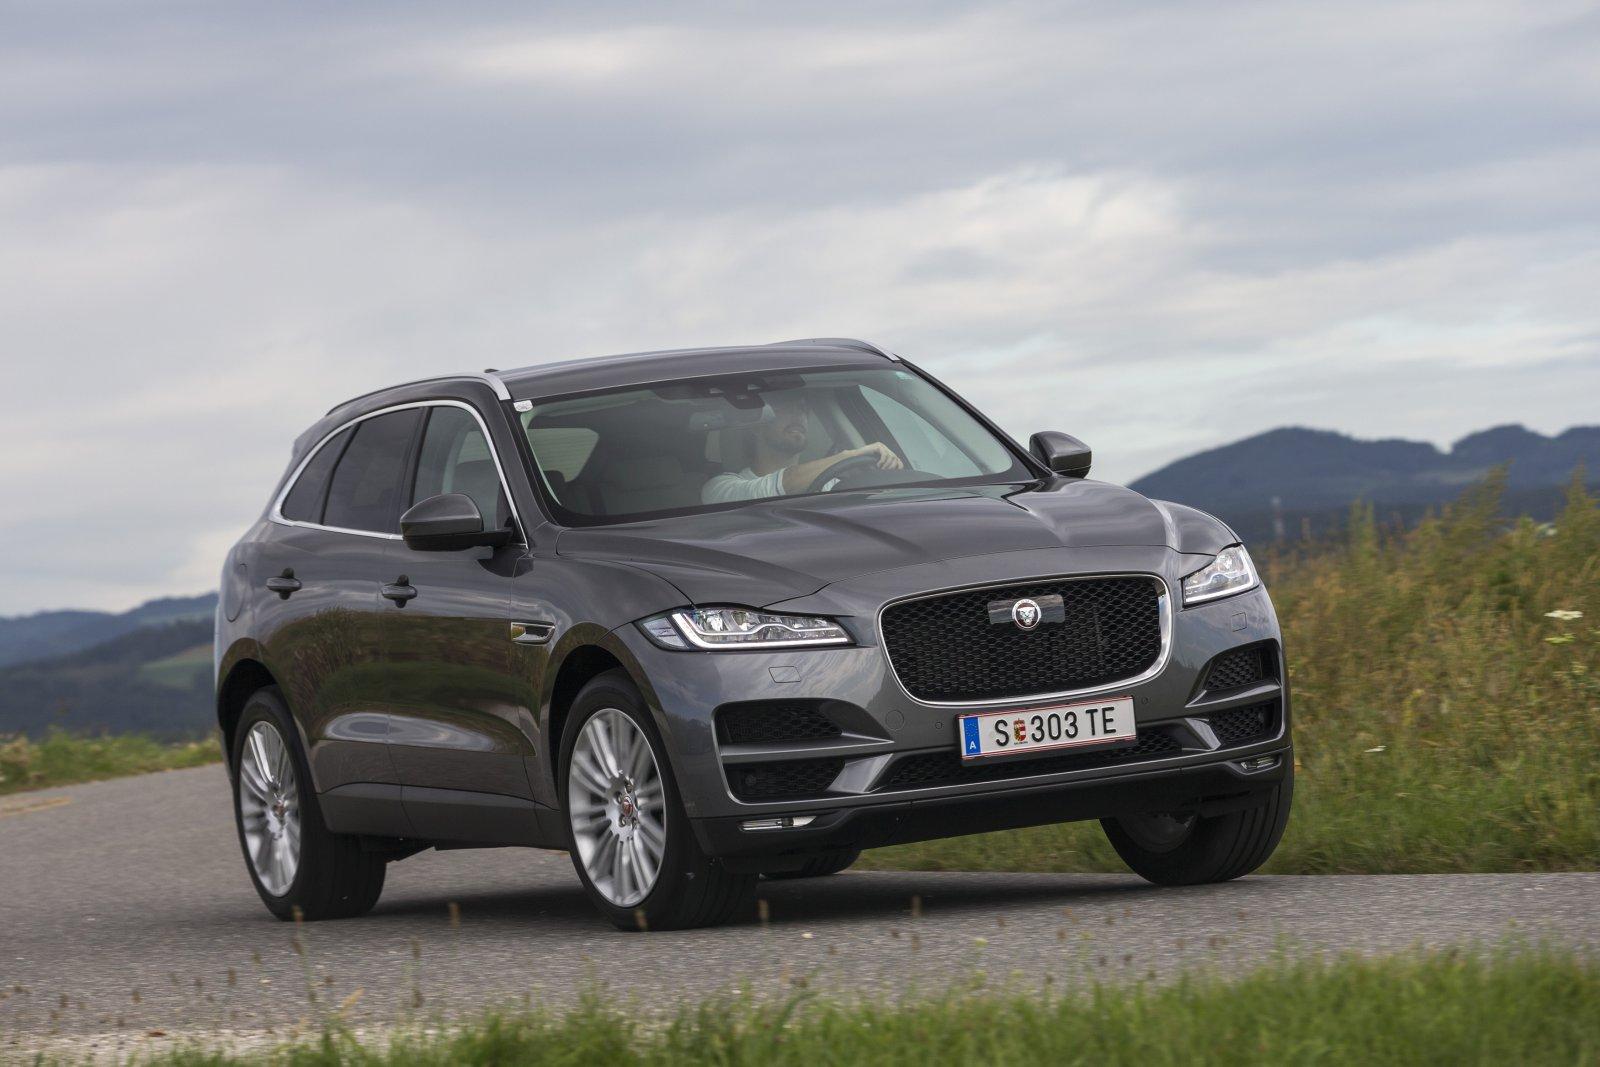 TEST Jaguar F Pace 20d AWD Aut ALLES AUTO